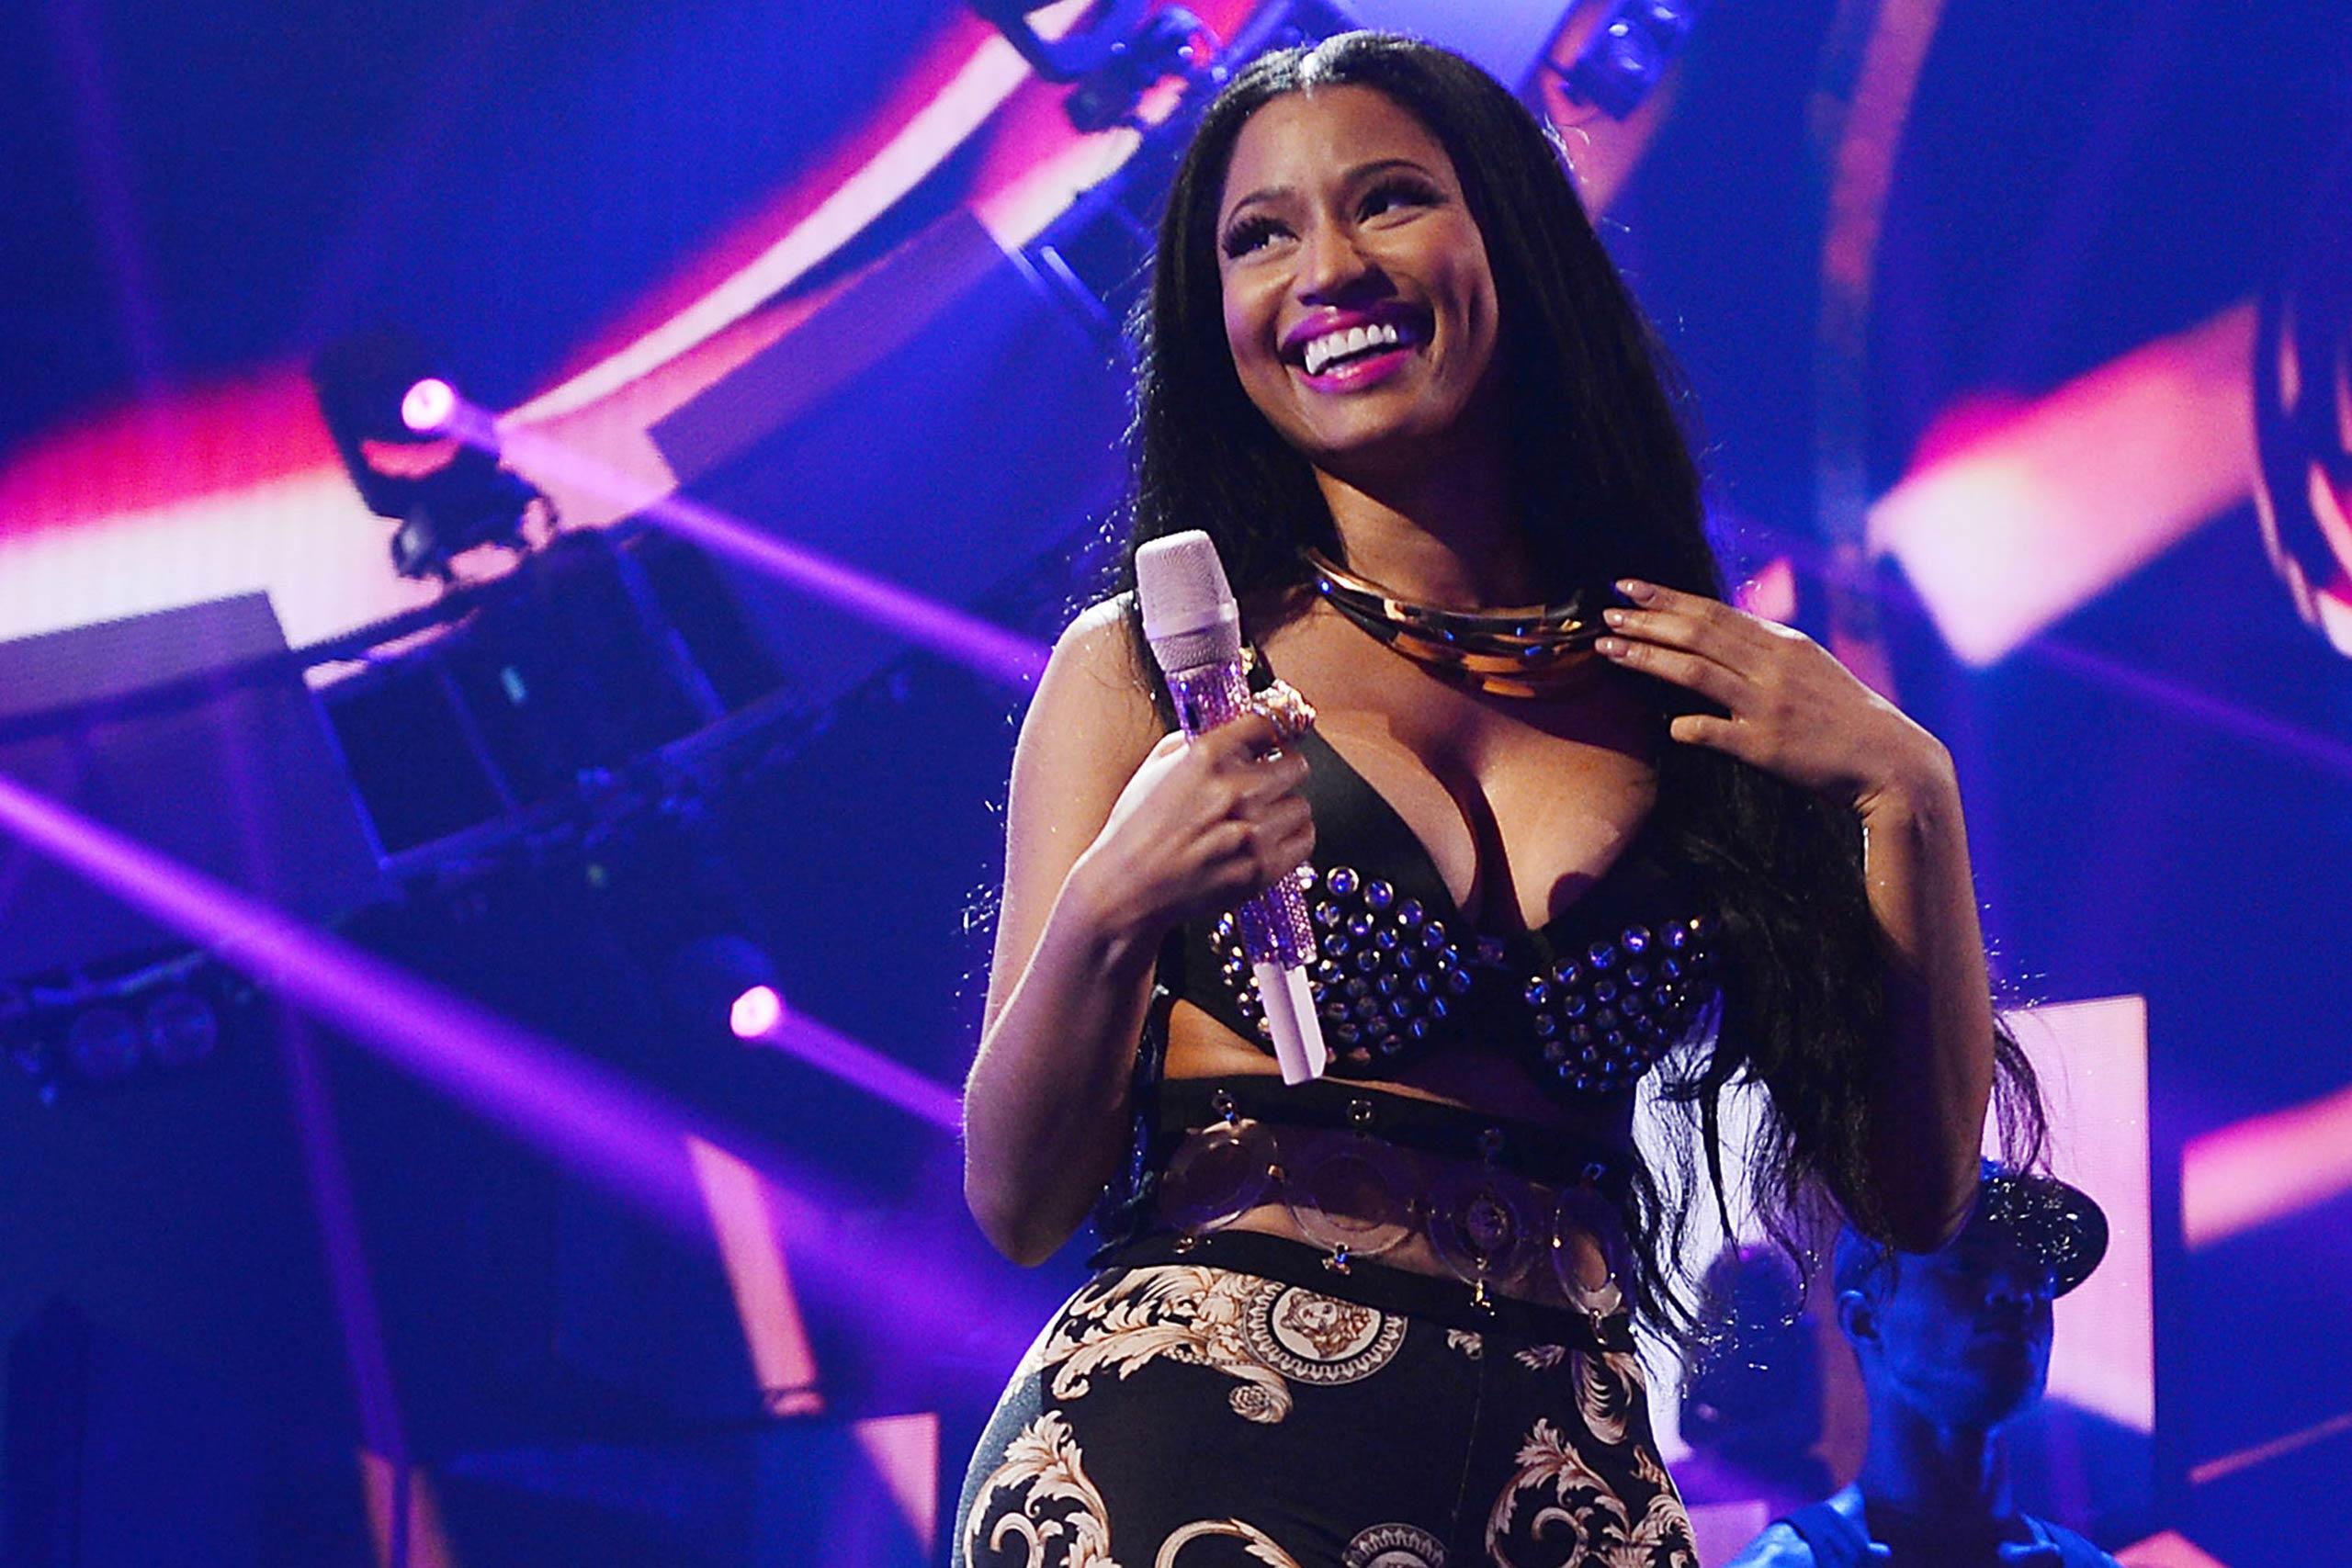 <strong>Nicki Minaj</strong>